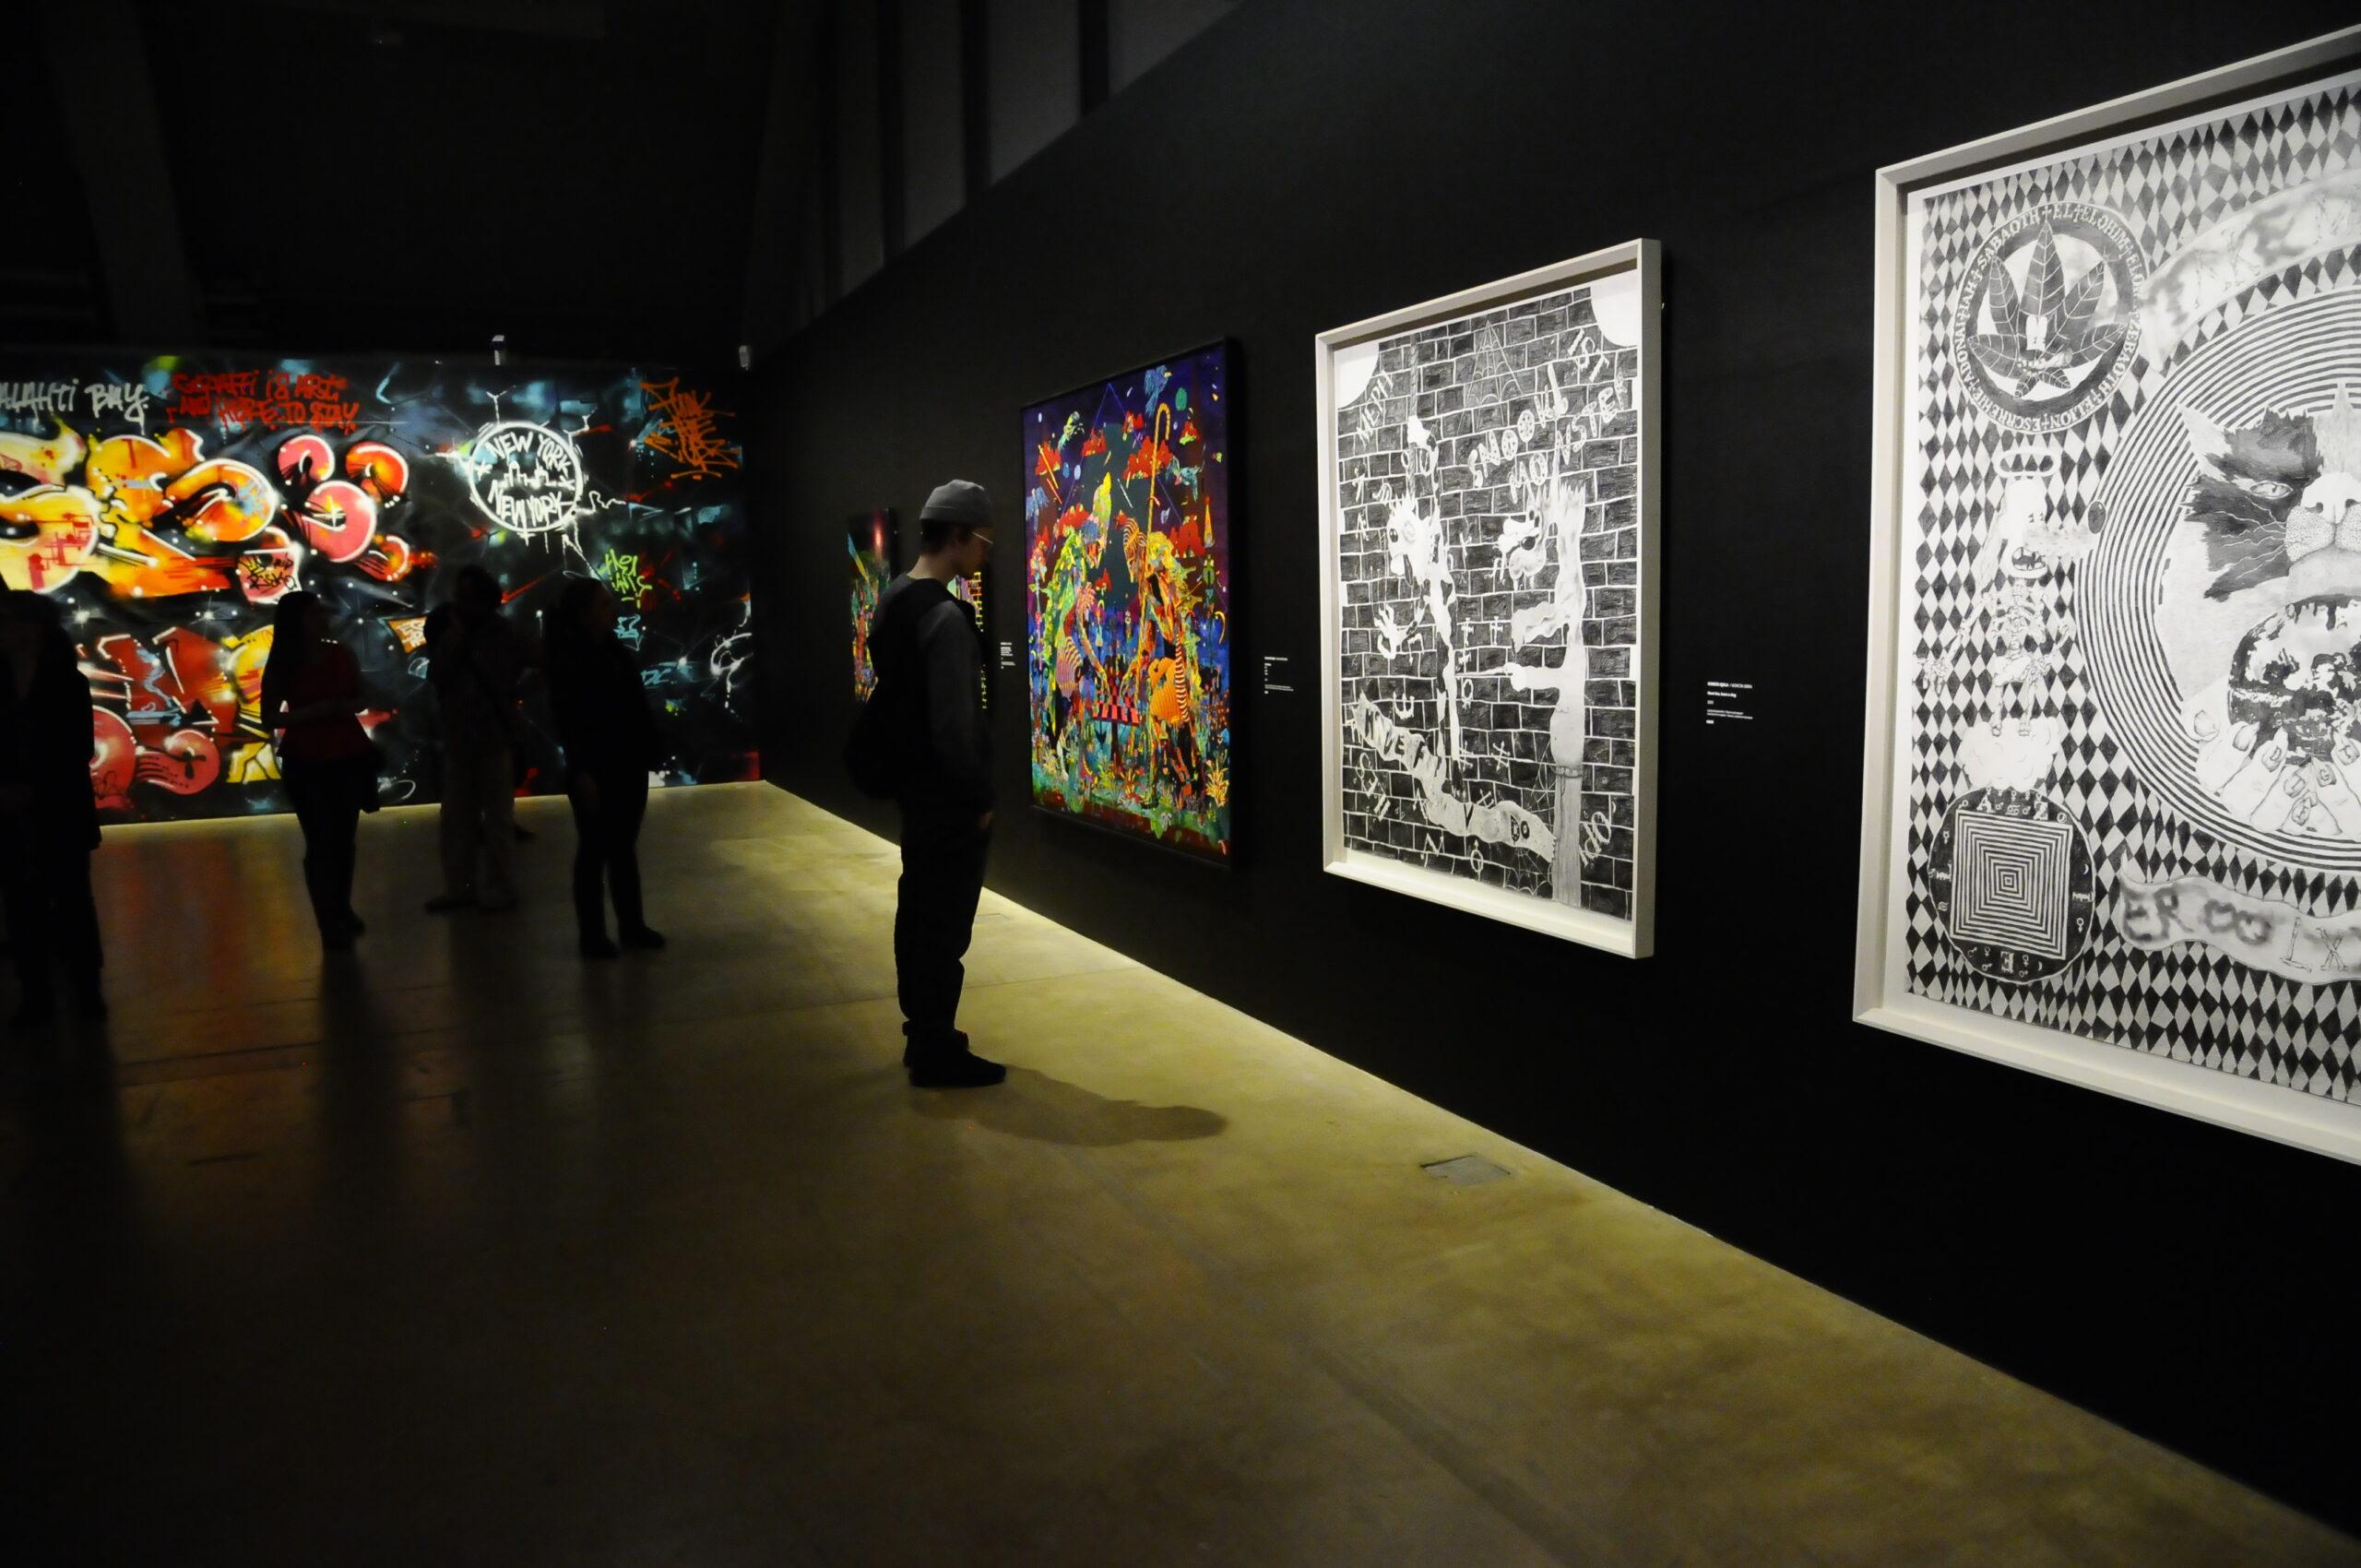 Kuvassa vasemmalla EGSin ja TRAMAN HAMin seinälle maalaama graffti. Oikealla näkyy puolestaan Timo Vaittisen ja Konsta Ojalan teoksia, jotka eivät ole graffiteja.